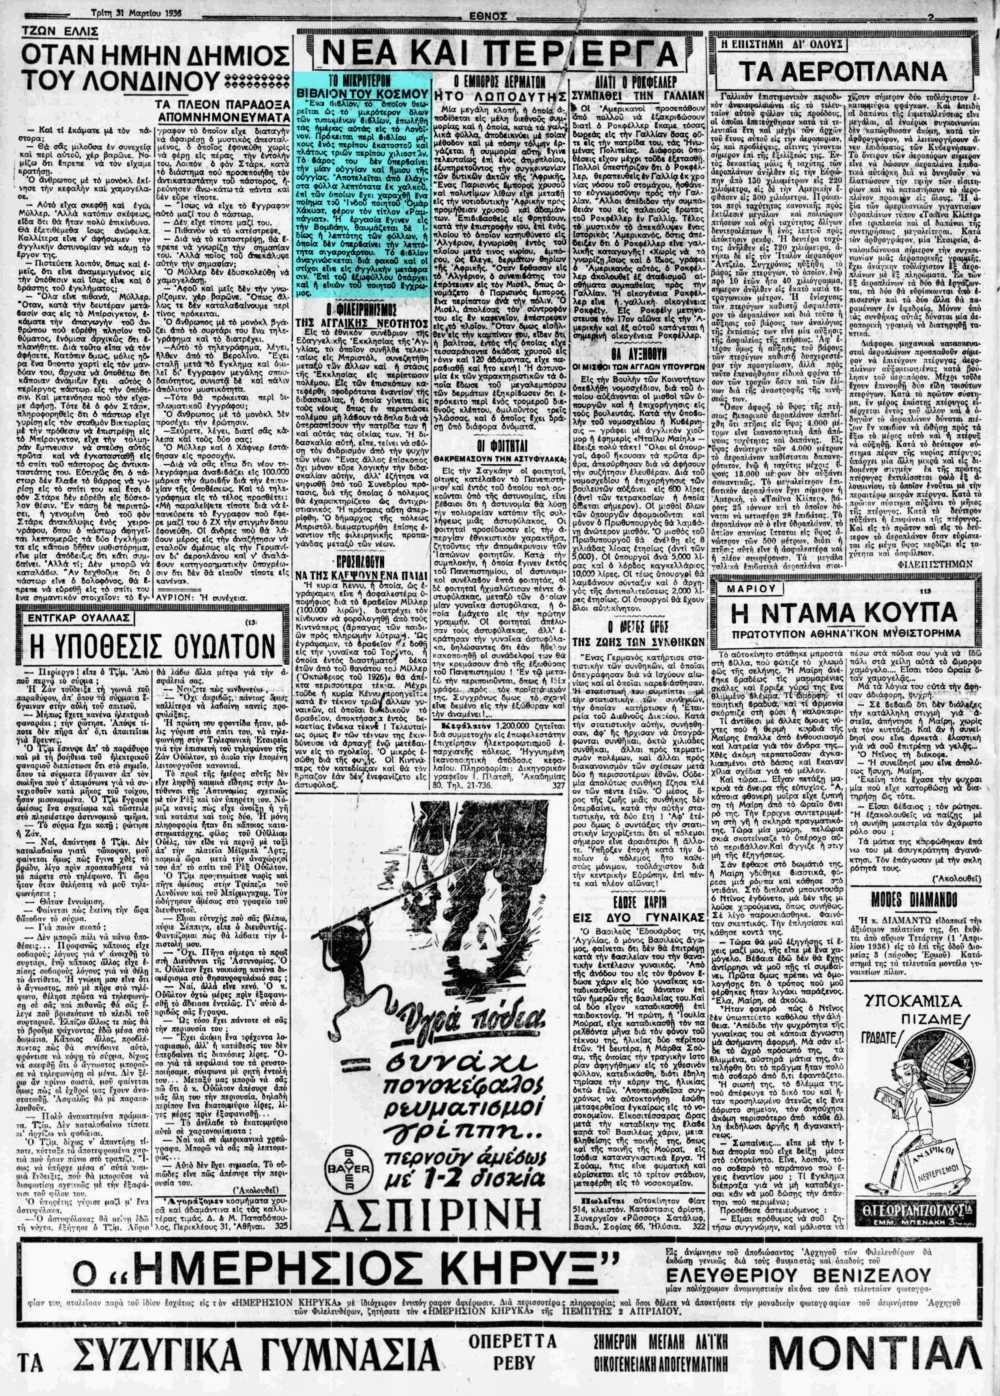 """Το άρθρο, όπως δημοσιεύθηκε στην εφημερίδα """"ΕΘΝΟΣ"""", στις 31/03/1936"""